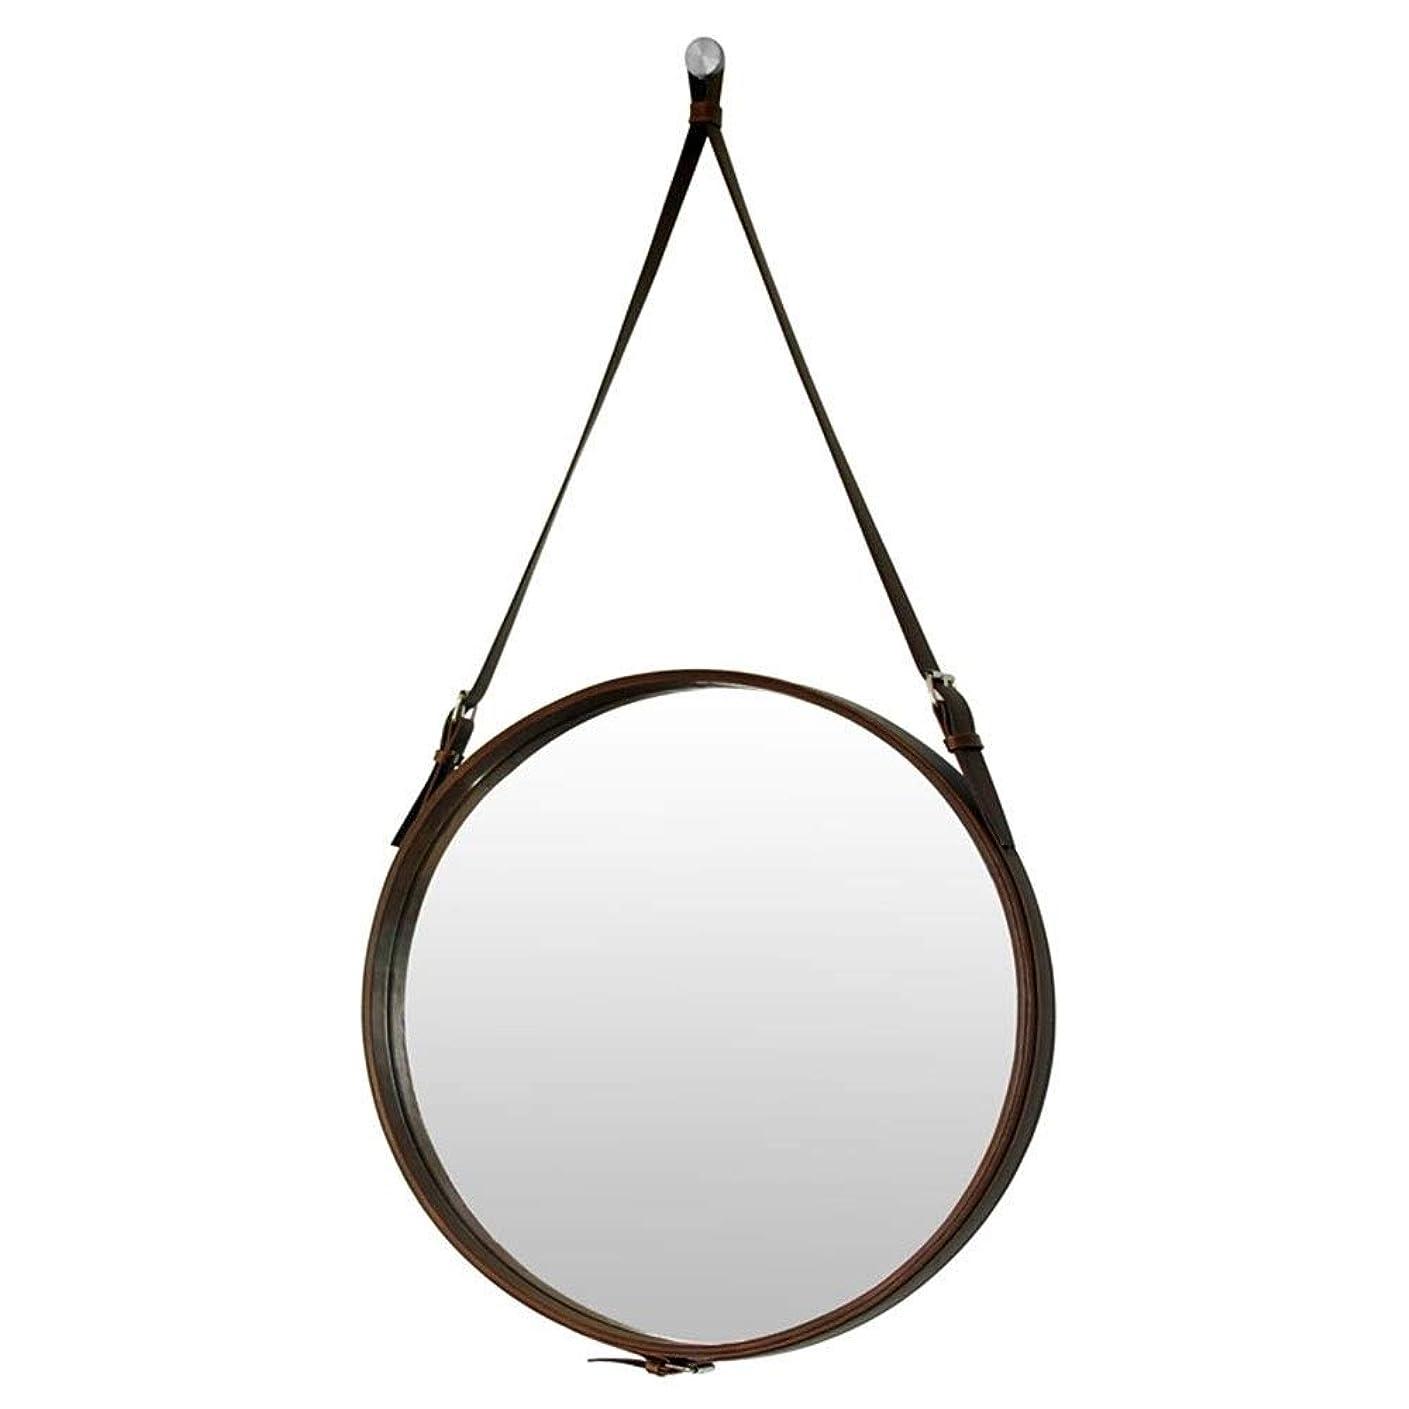 。バドミントン限りホテルの装飾的なミラーの浴室用ミラーの円形の壁ミラーの浴室用ミラーの化粧鏡Puの革